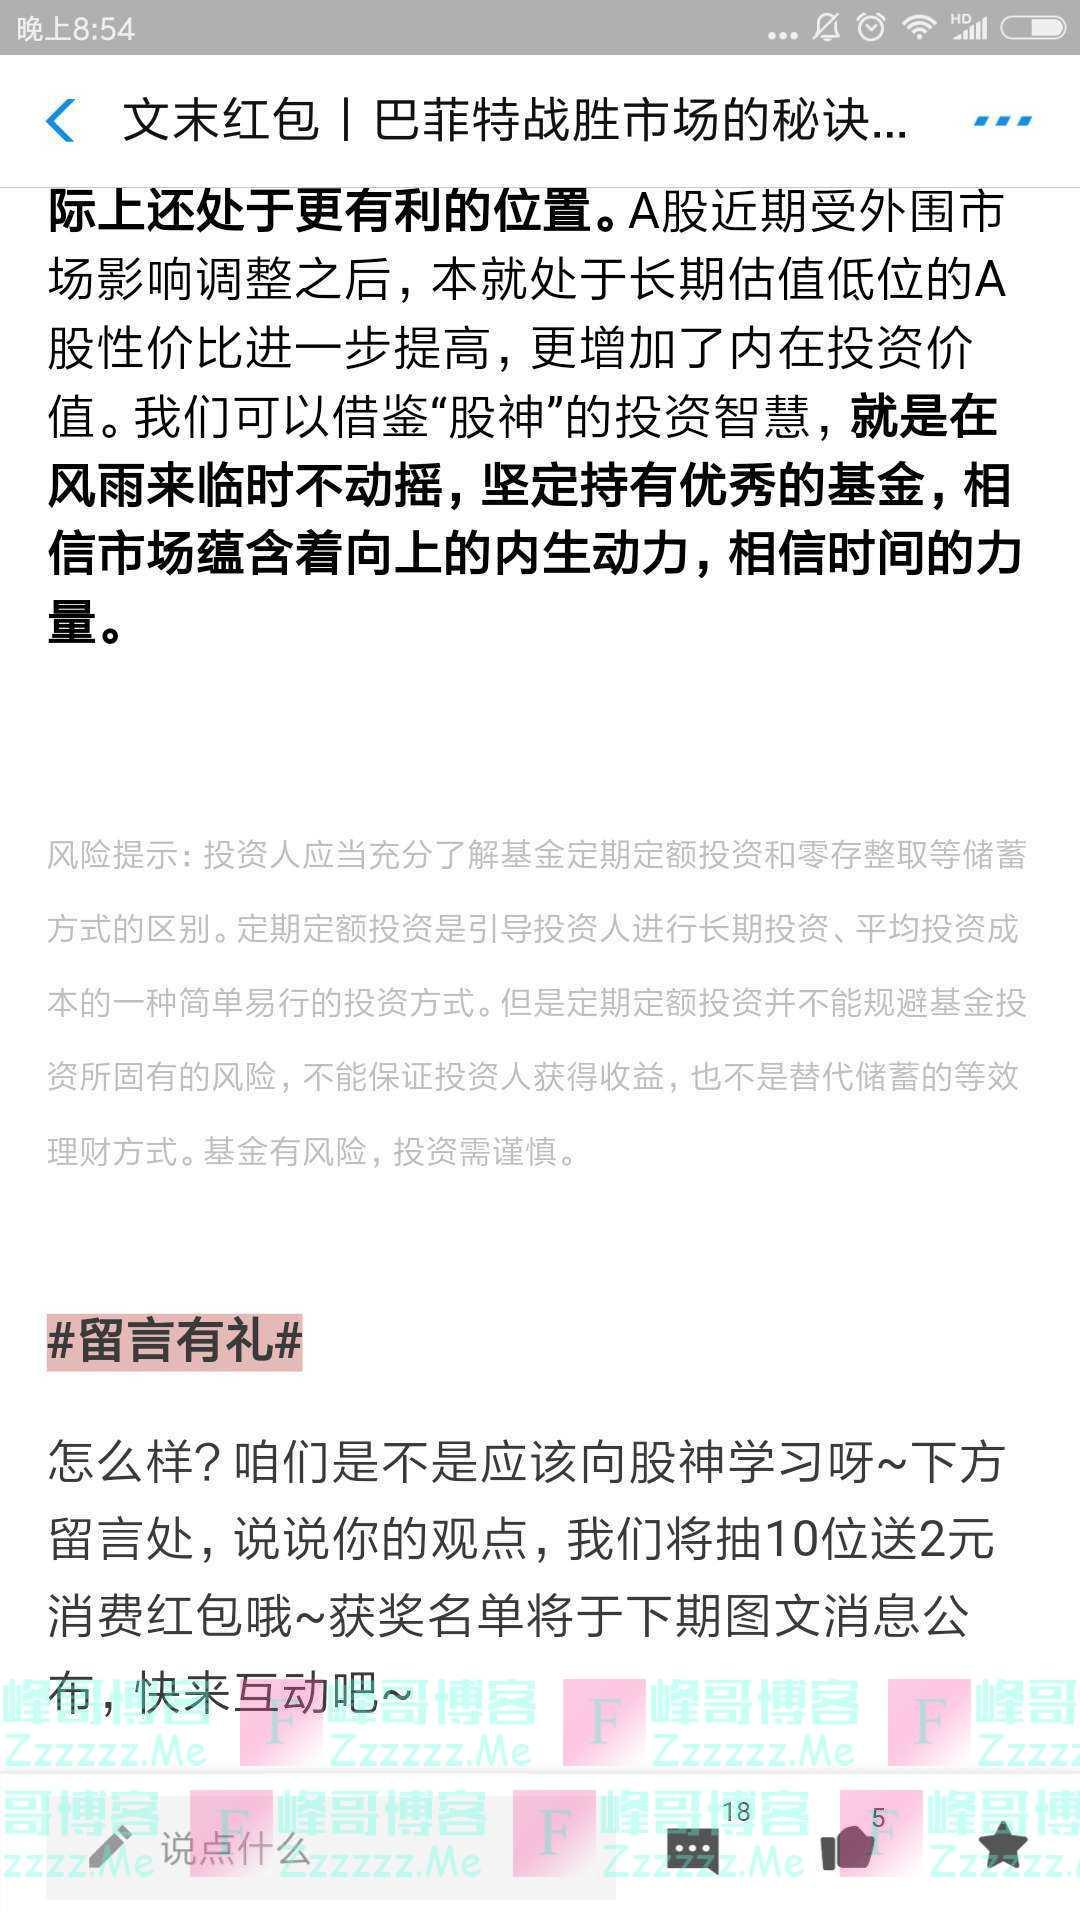 长信基金留言有礼(截止不详)